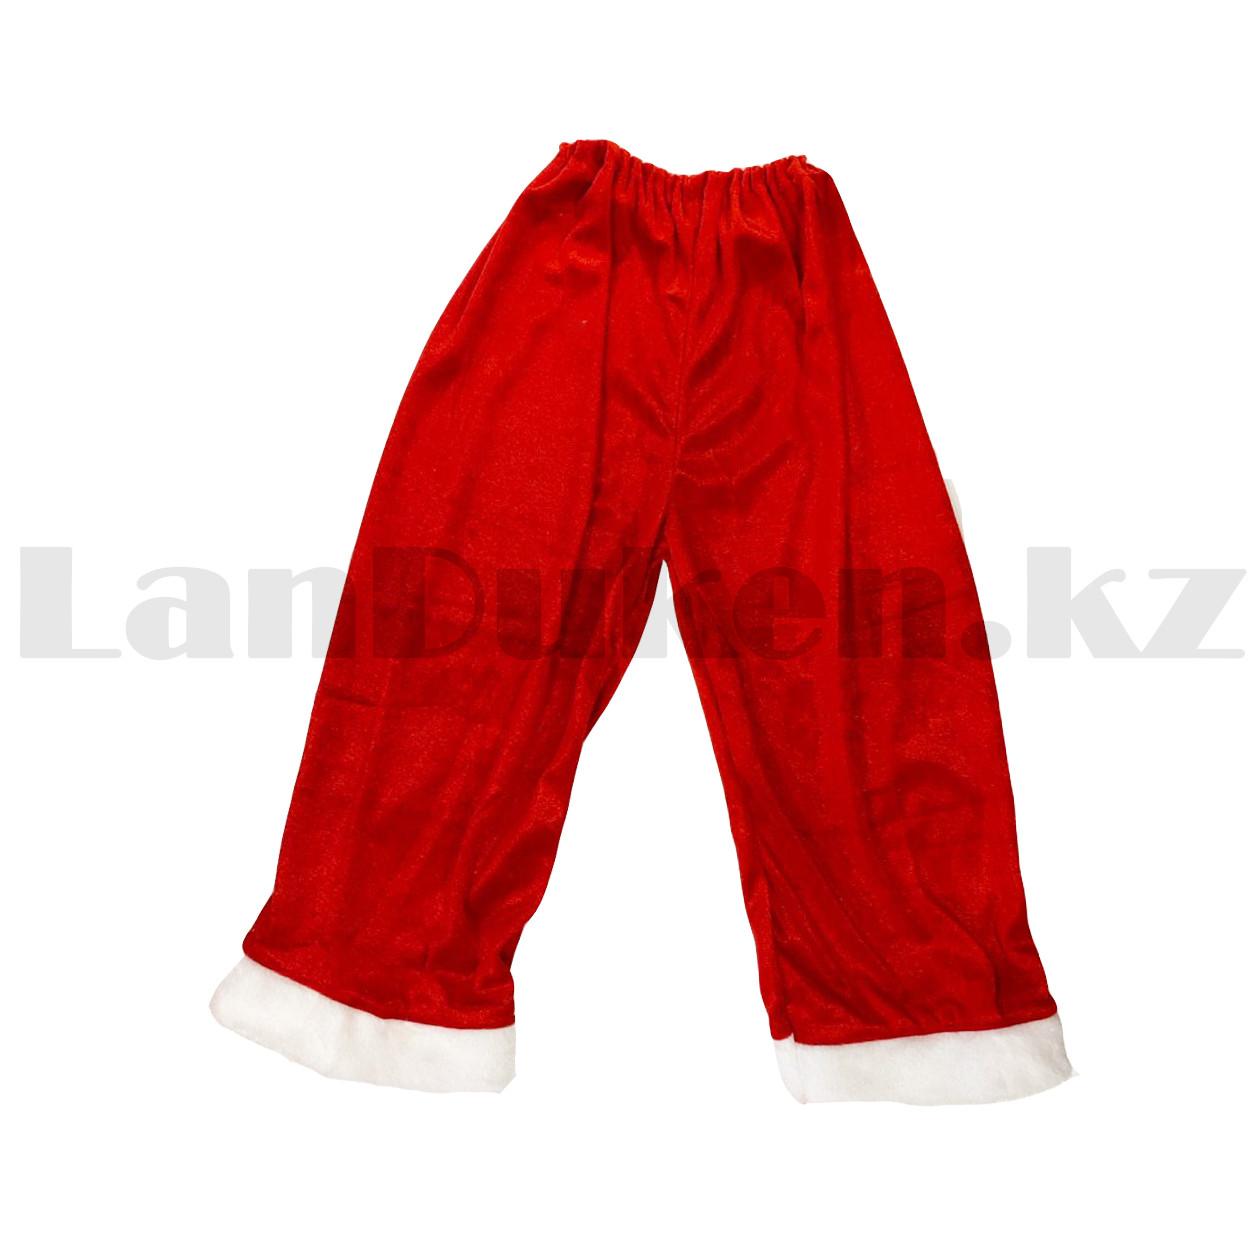 Костюм детский карнавальный раздельный Деда Мороза Аяз Ата красный - фото 6